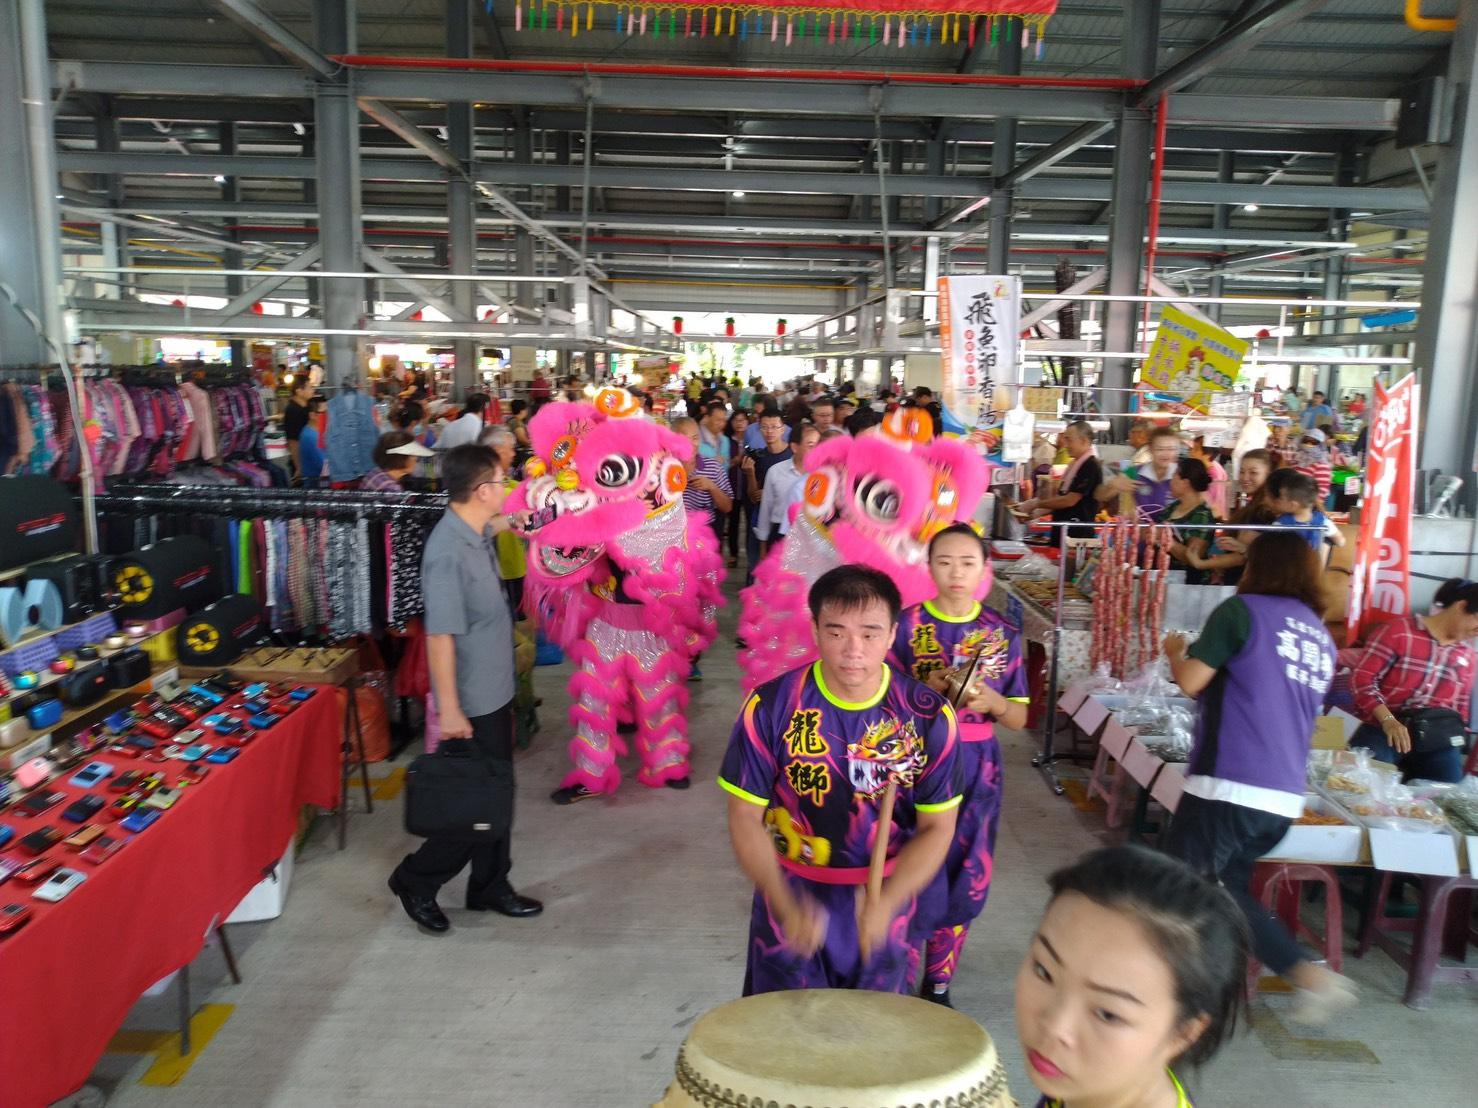 岡山欣欣市場中秋節正式開幕 歡迎民眾踴躍前往